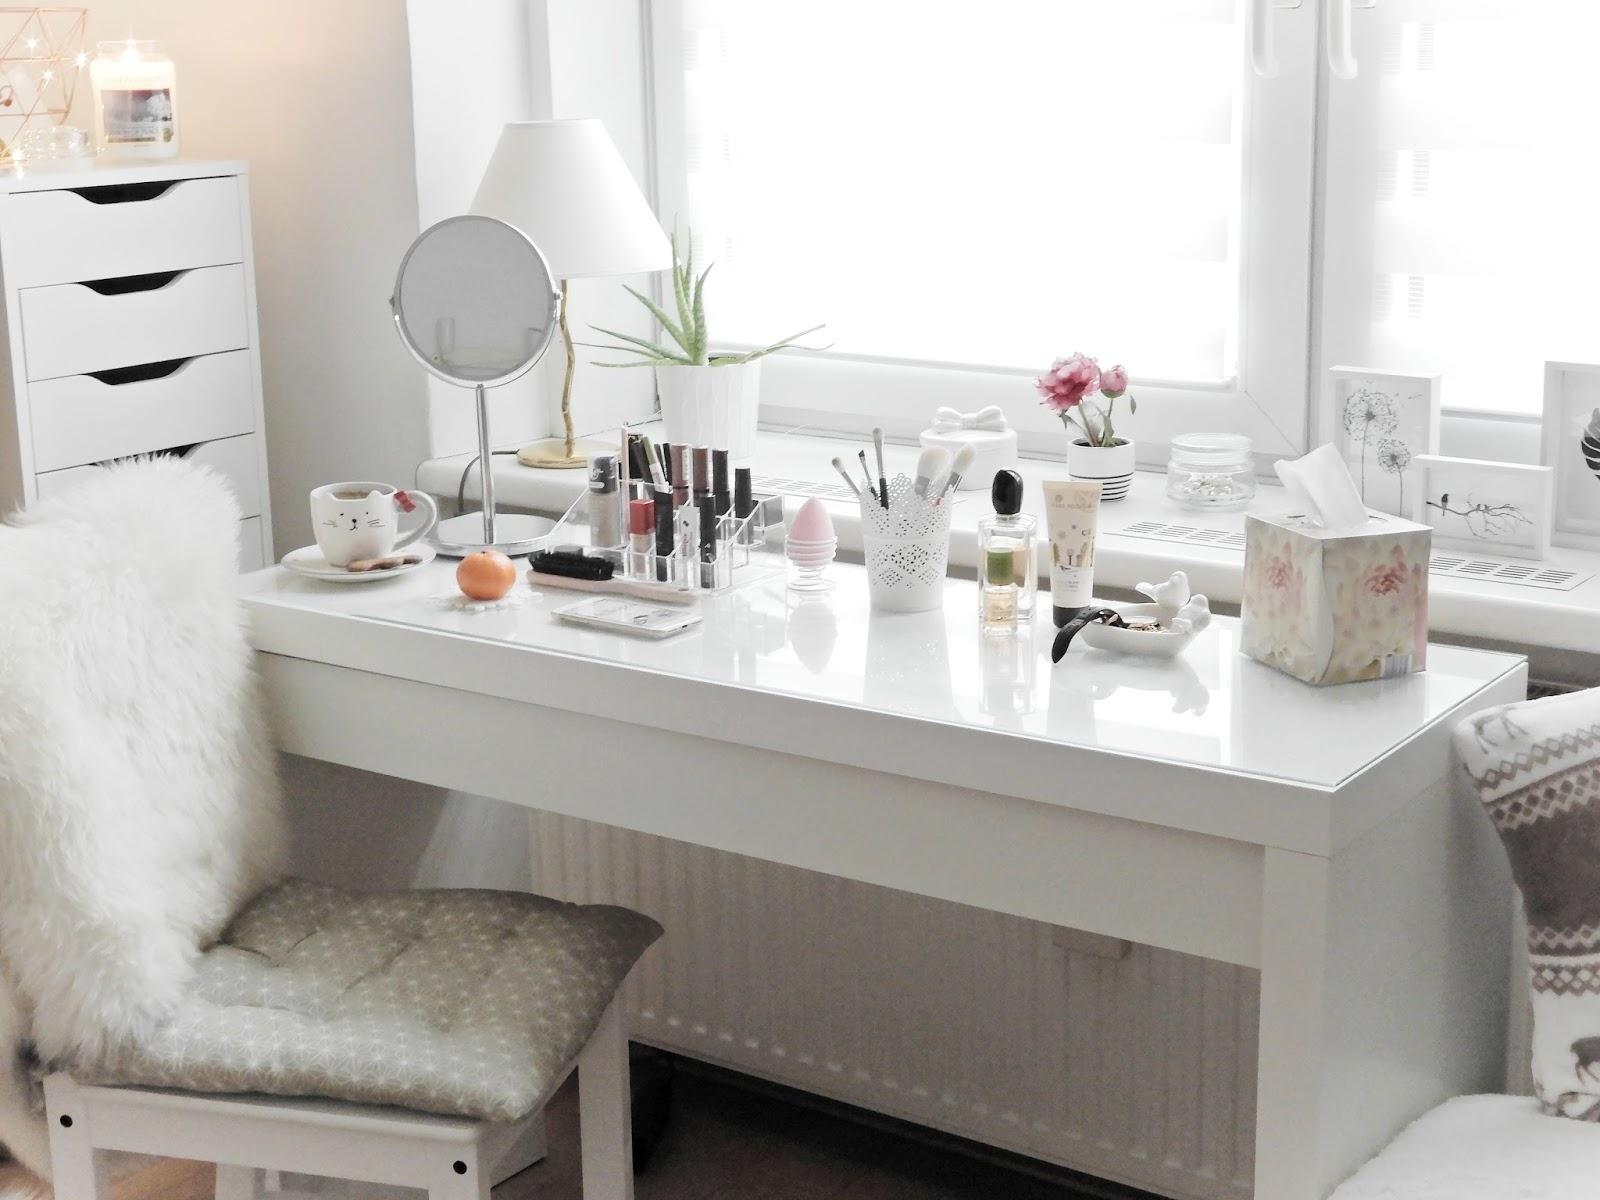 Pst Czyli Akcja Pokaż Swoją Toaletkę Hellojza About Beauty